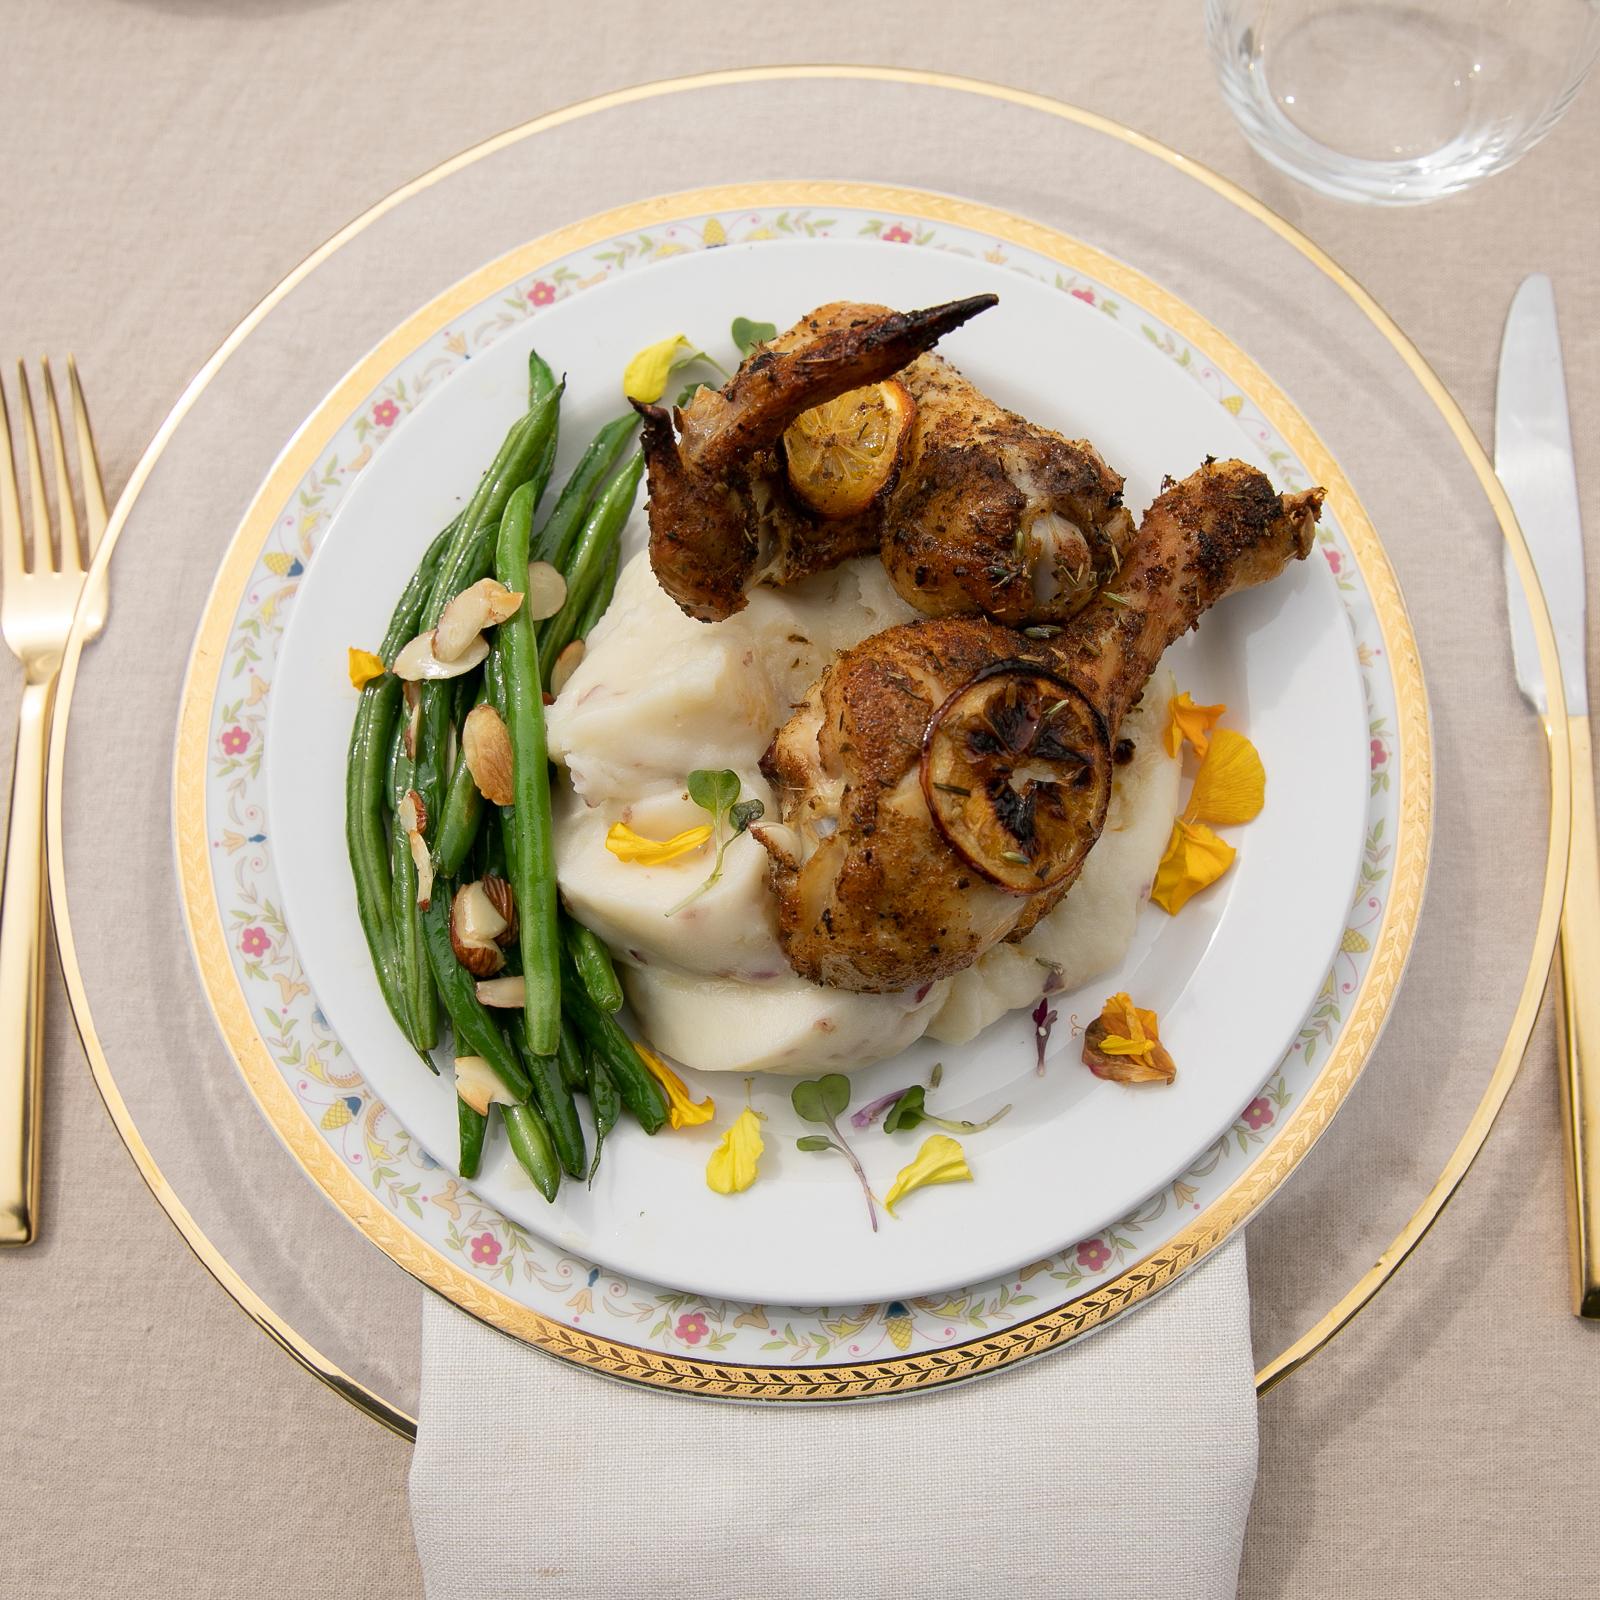 Simple Pleasures Restaurant & Catering